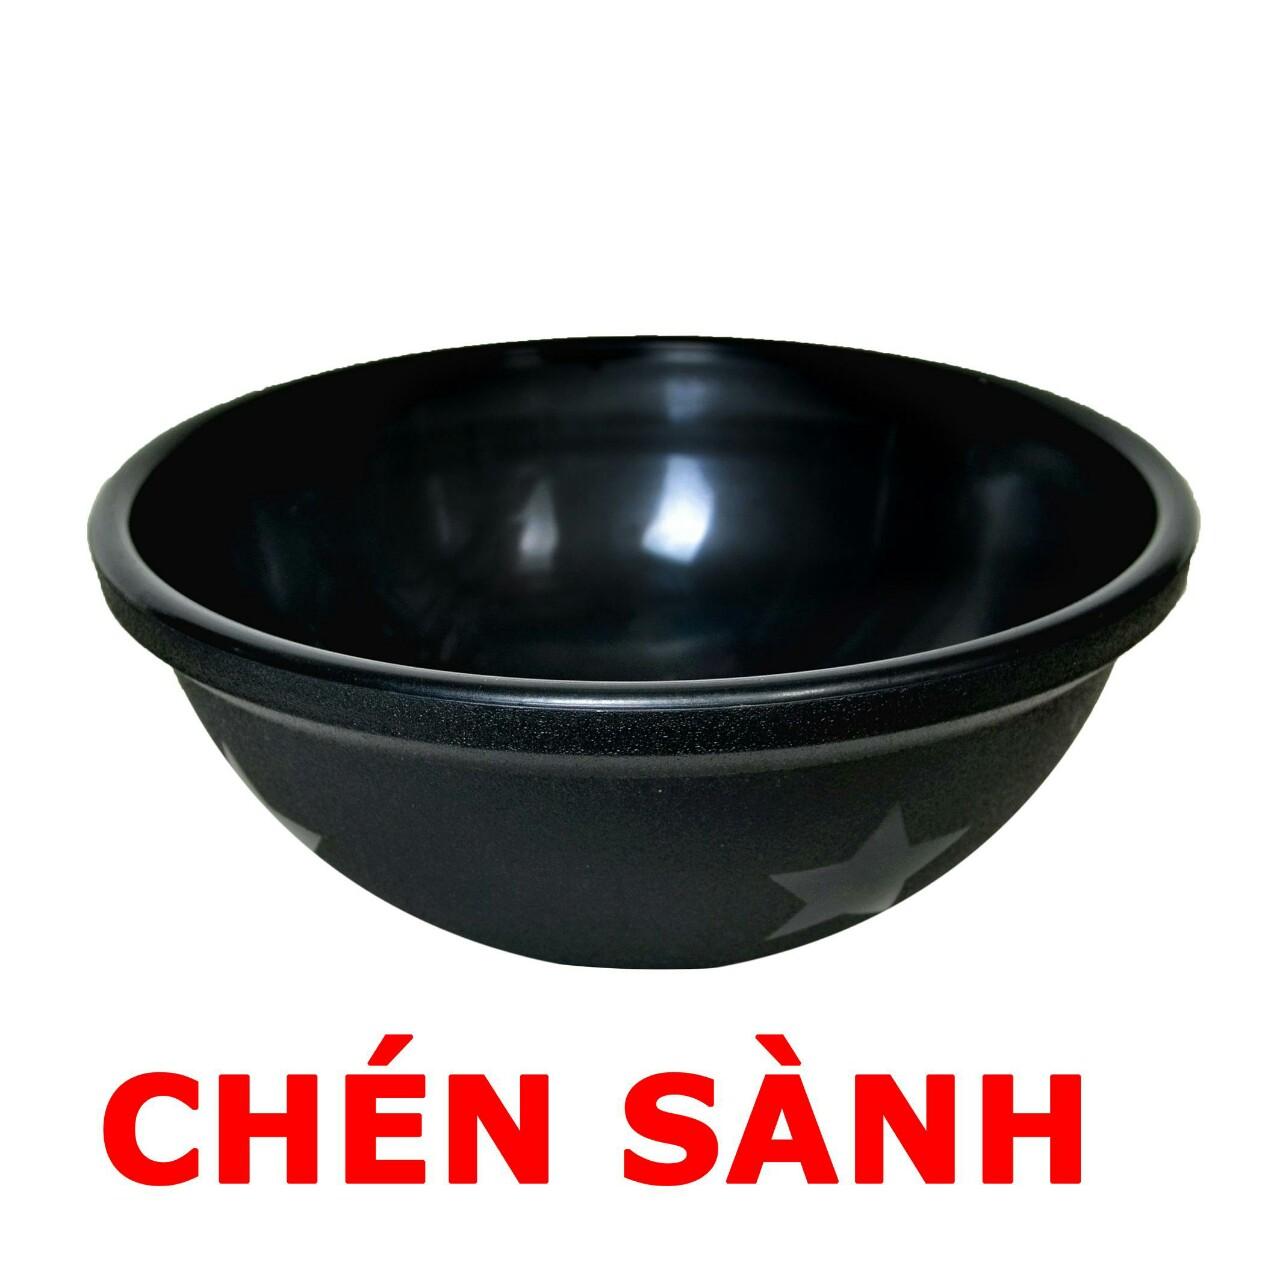 Chén sành